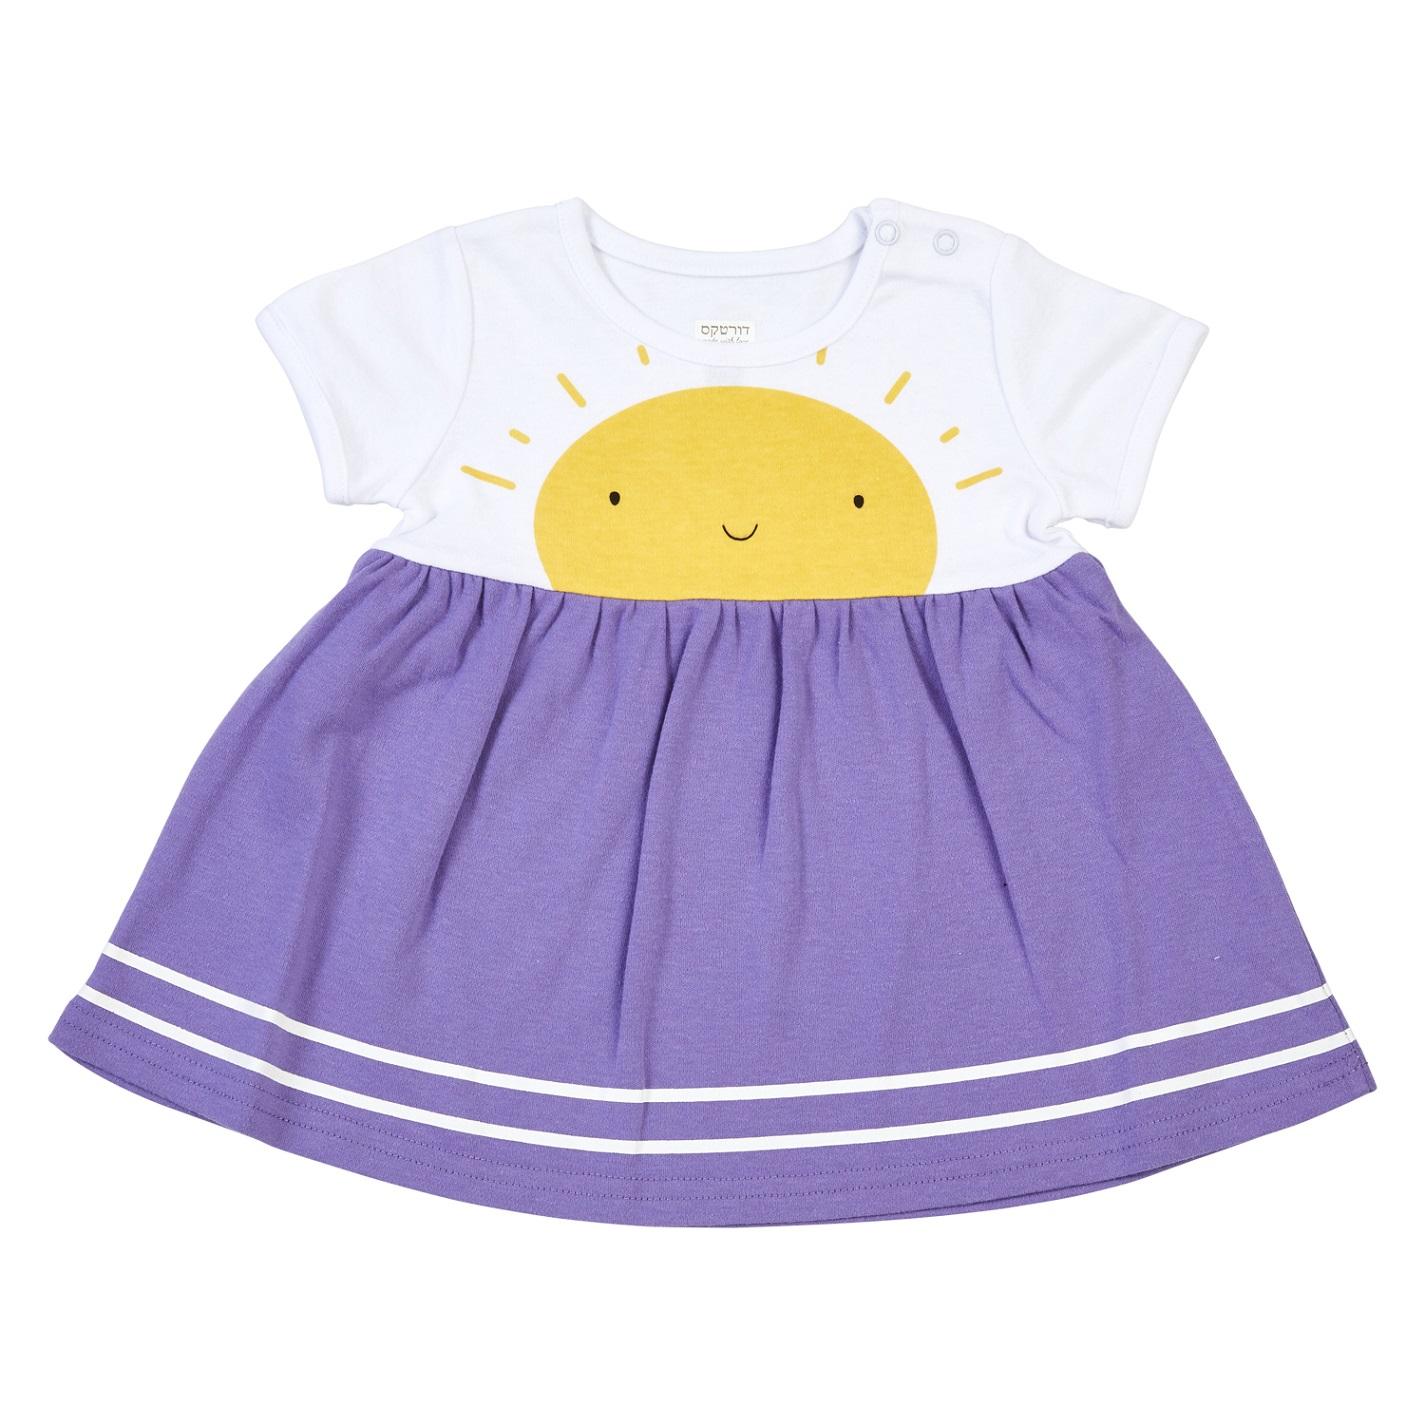 שמלה שמש סגול לילך